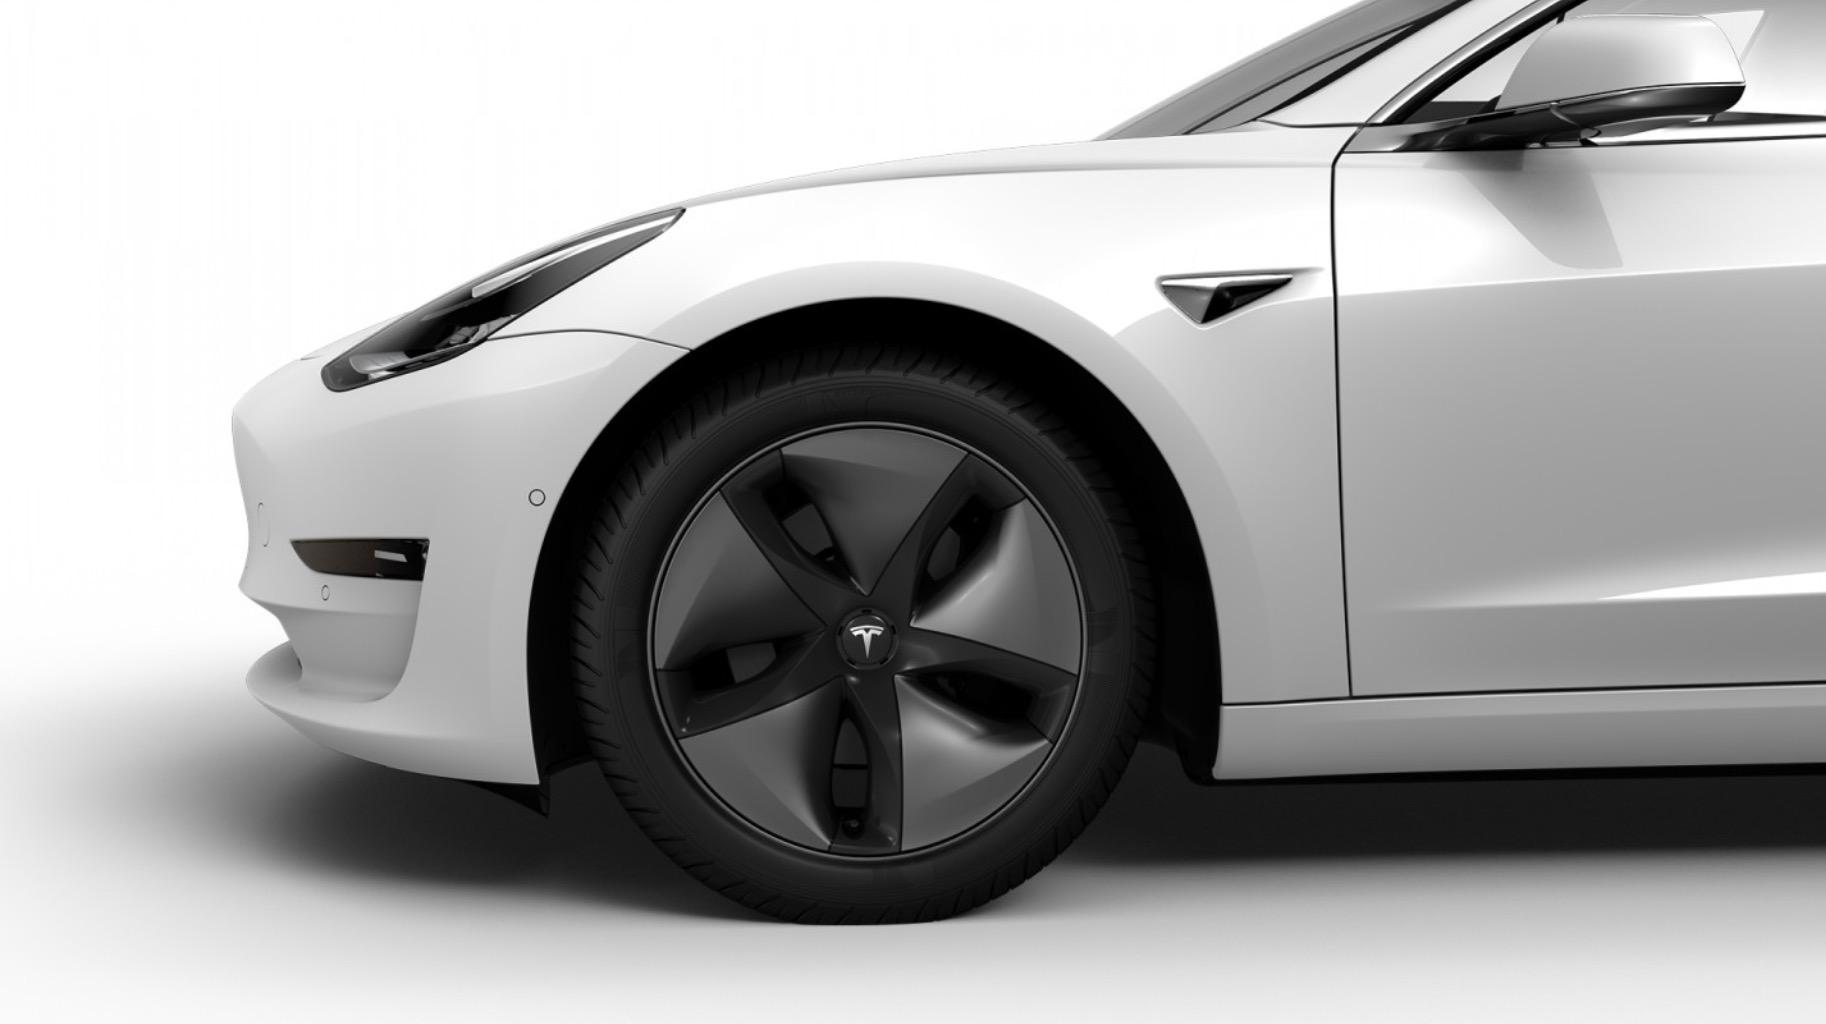 特斯拉Model 3新轮圈样式曝光 可提升5%左右的续航